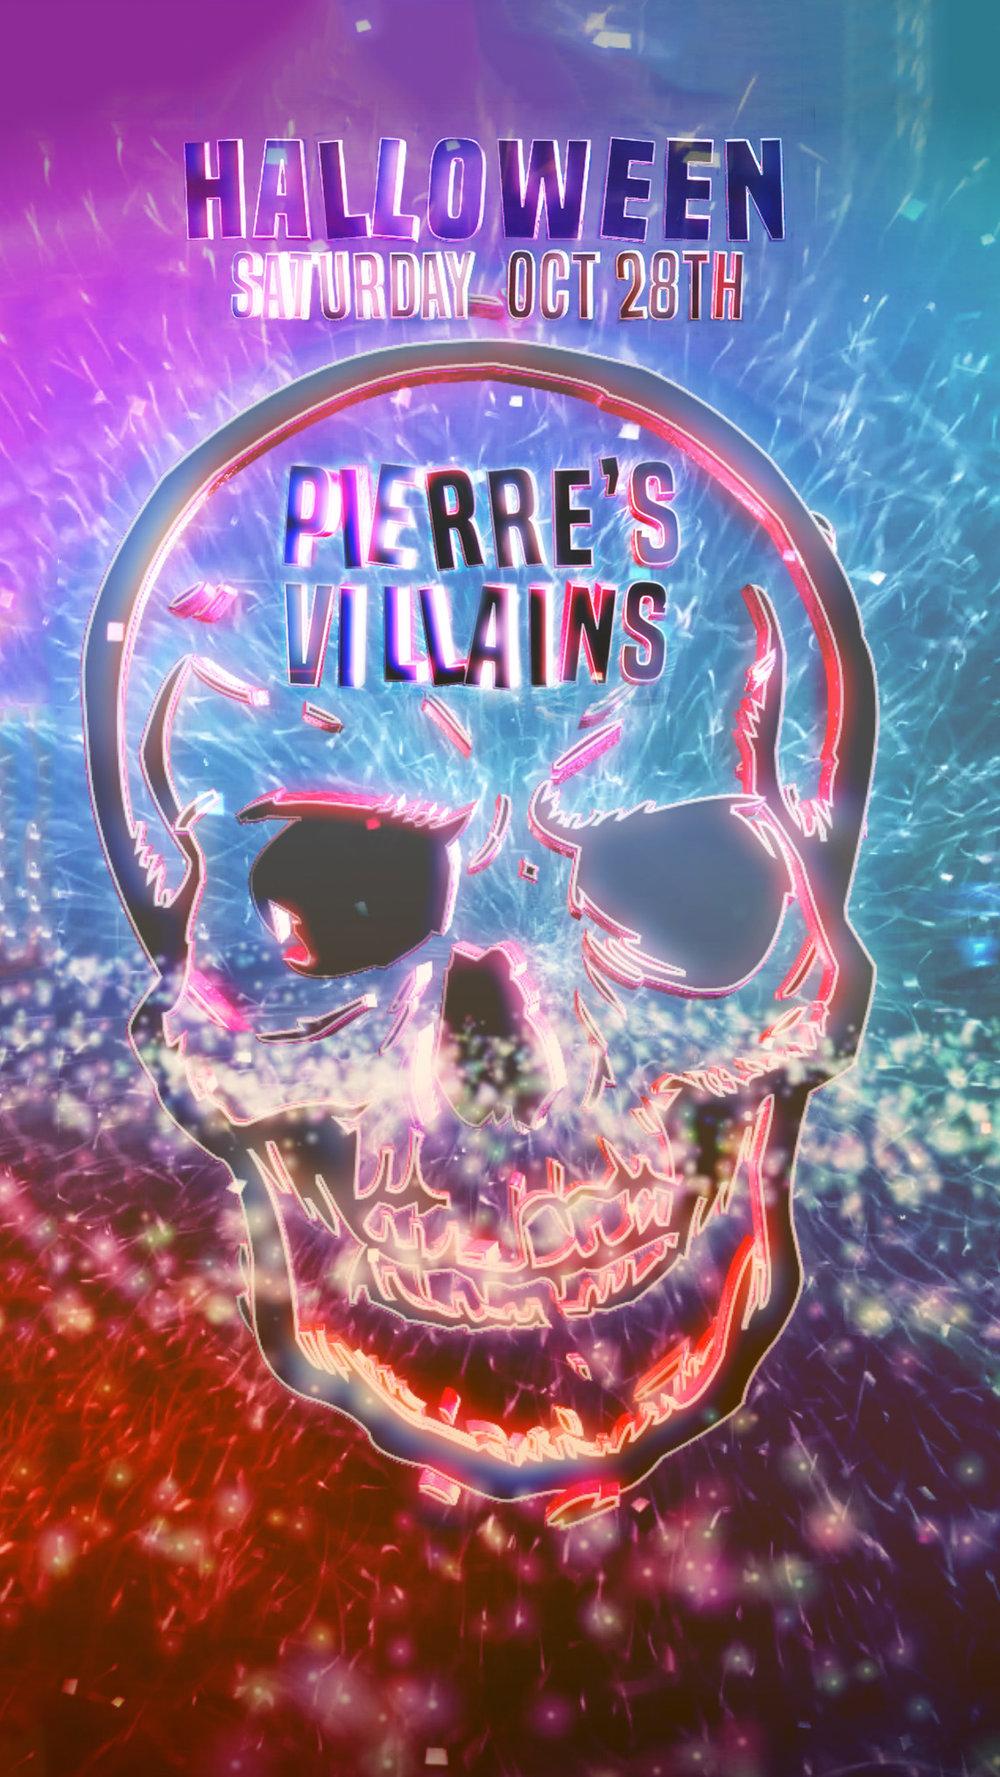 Villians Halloween Pierres.jpg